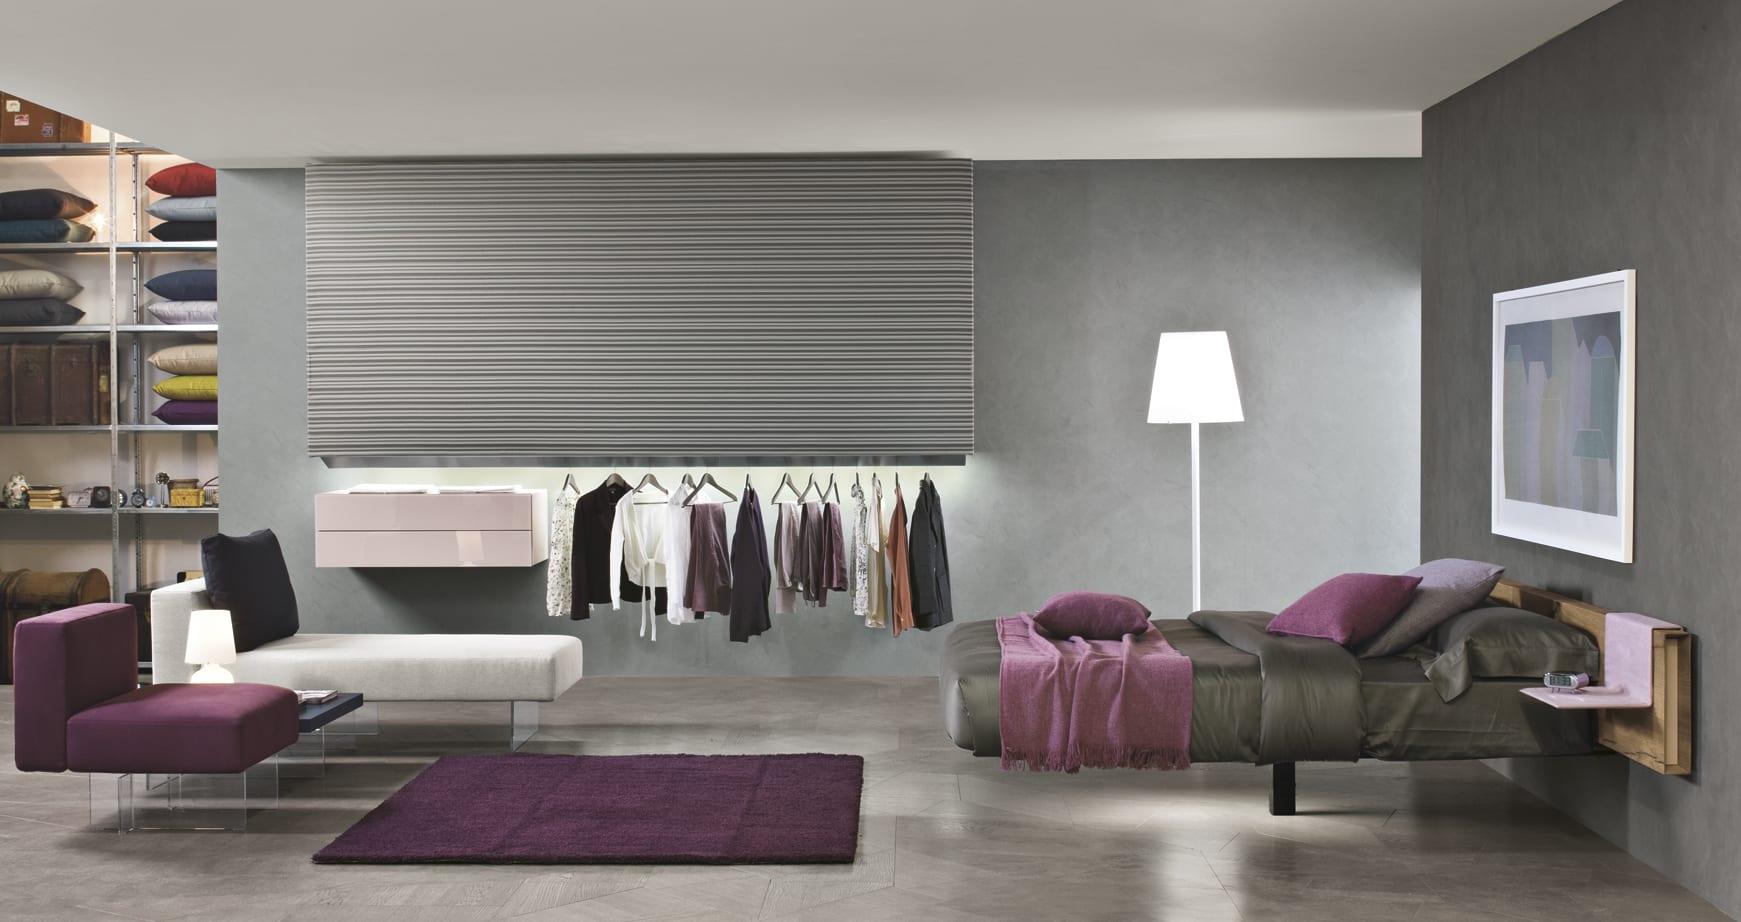 schlafzimmer grau mit wandfarbe grau und sessel mit tappich in violett